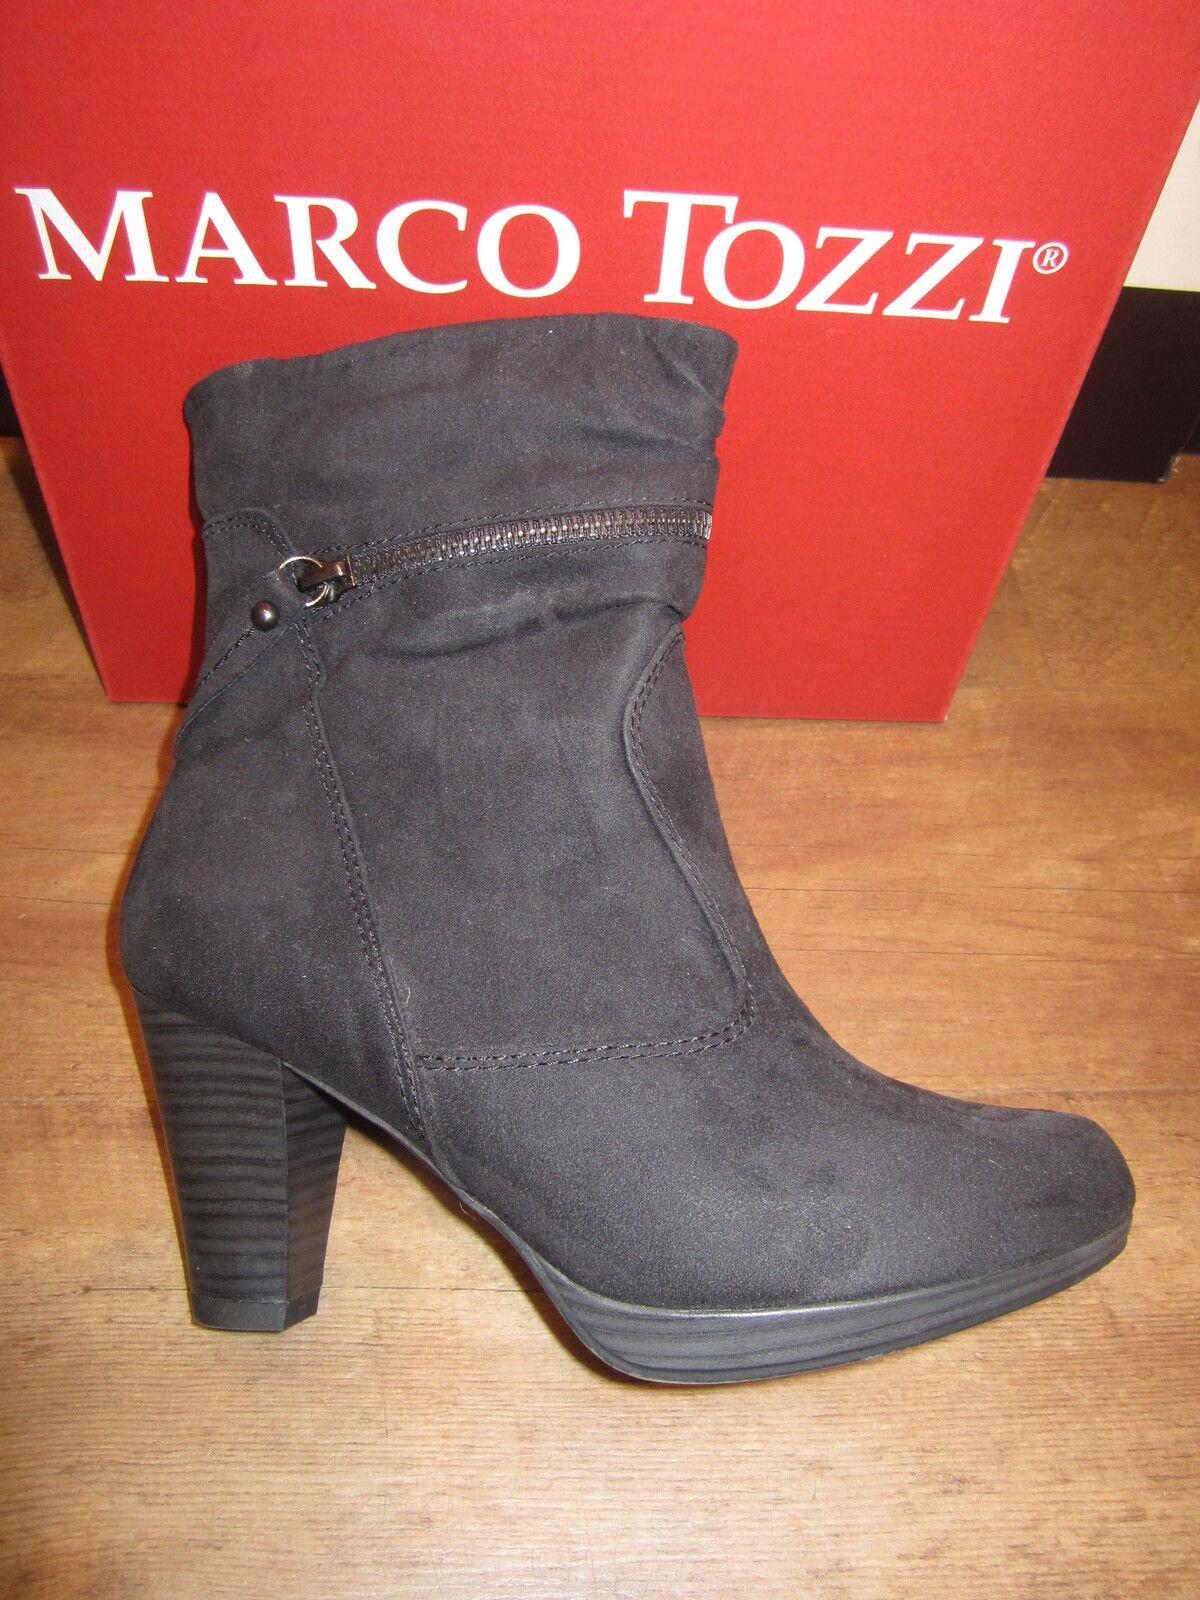 Marco Tozzi bottes, noir, Léger Gefüttert. Rv Neuf